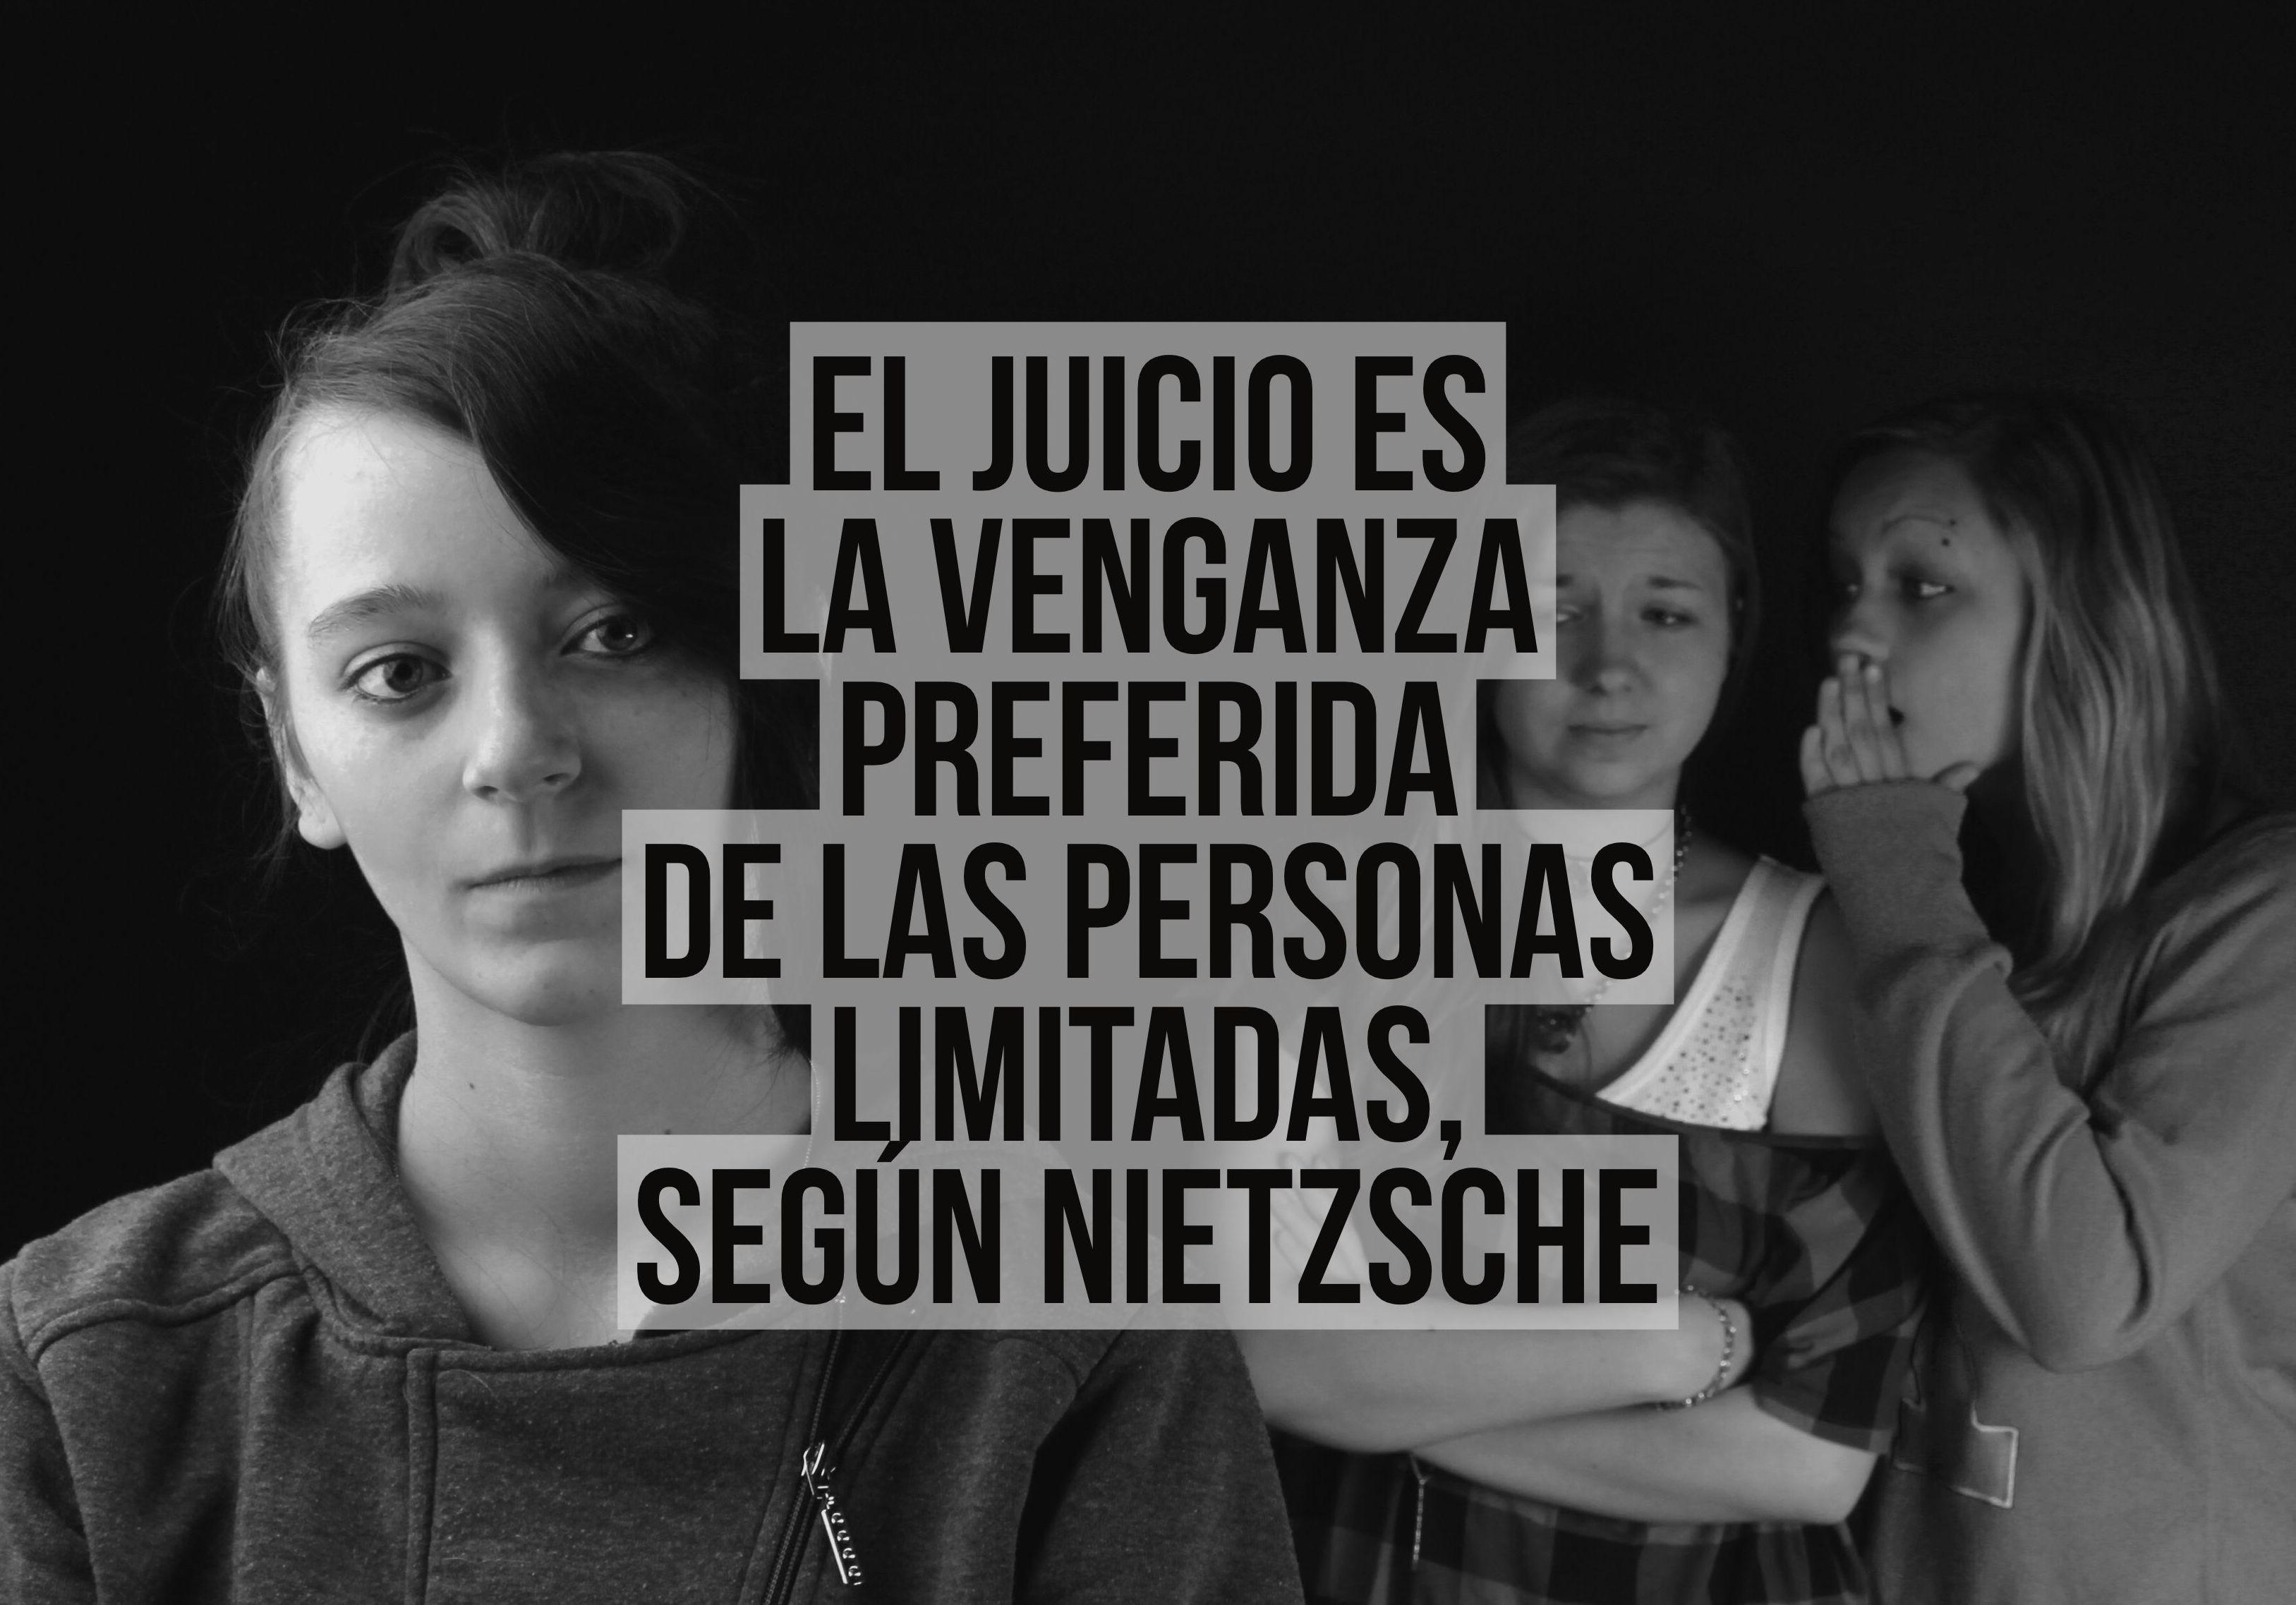 El juicio es la venganza preferida de las personas limitadas, según Nietzsche